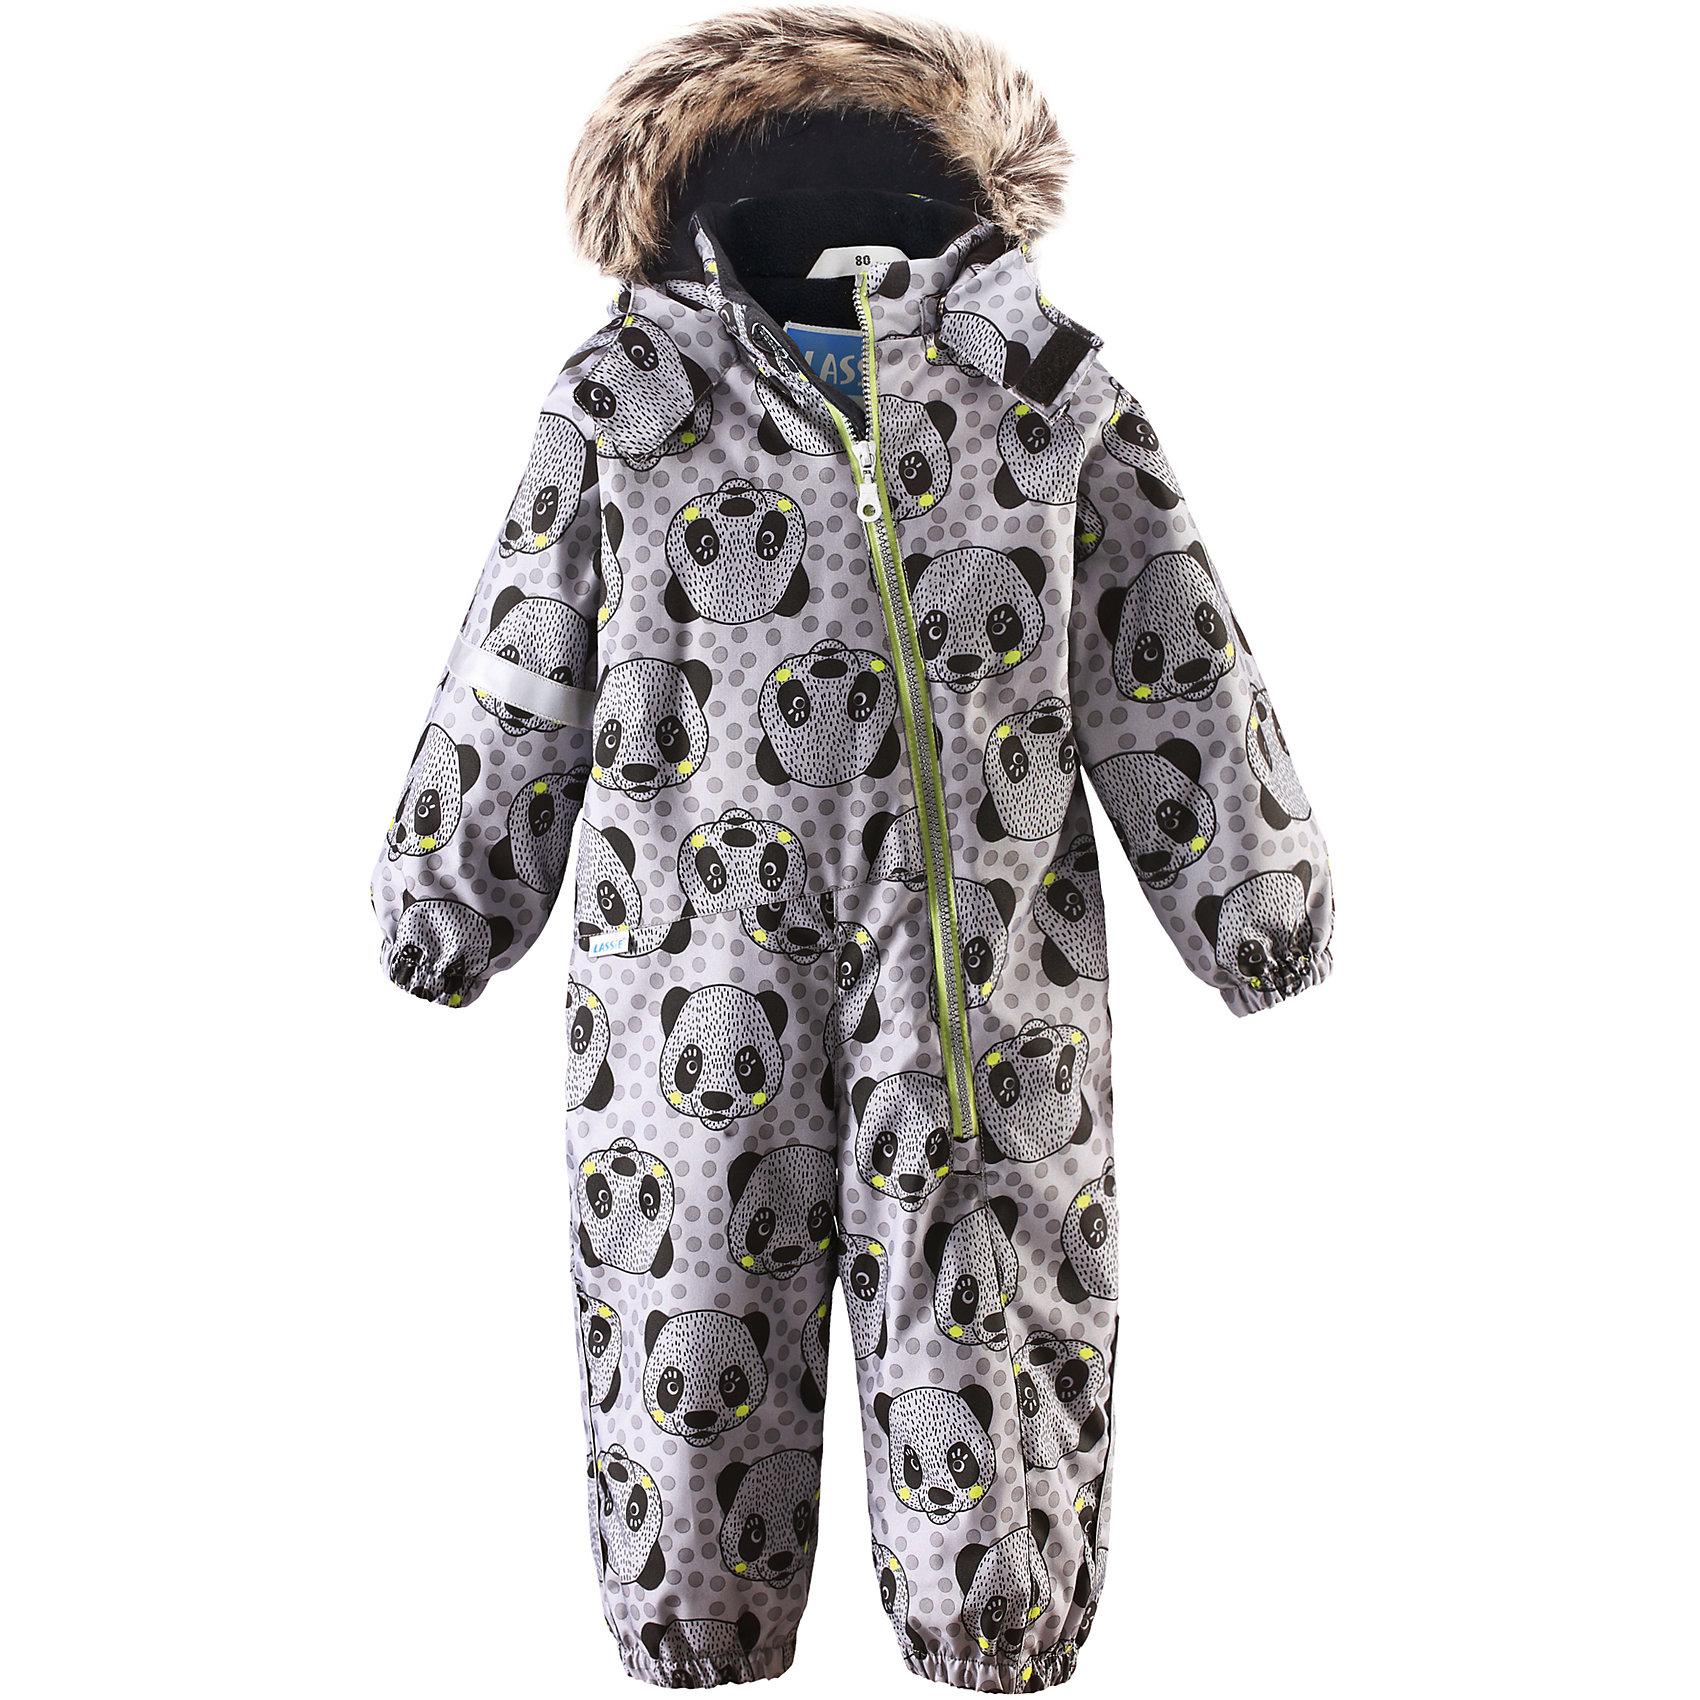 Комбинезон LASSIEВерхняя одежда<br>Зимний комбинезон для малышей известной финской марки.<br><br>- Прочный материал. Водоотталкивающий, ветронепроницаемый, «дышащий» и грязеотталкивающий материал.<br>- Задний серединный шов проклеен. <br>- Мягкая теплая подкладка из флиса. Гладкая подкладка из полиэстра. <br>- Средняя степень утепления. <br>- Безопасный съемный капюшон с отсоединяемой меховой каймой из искусственного меха. <br>- Эластичные манжеты. Эластичные штанины. <br> - Съемные эластичные штрипки. Длинная молния для легкого одевания.<br>-  Принт по всей поверхности. <br><br>Рекомендации по уходу: Стирать по отдельности, вывернув наизнанку. Перед стиркой отстегните искусственный мех. Застегнуть молнии и липучки. Соблюдать температуру в соответствии с руководством по уходу. Стирать моющим средством, не содержащим отбеливающие вещества. Полоскать без специального средства. Сушение в сушильном шкафу разрешено при  низкой температуре.<br><br>Состав: 100% Полиамид, полиуретановое покрытие.  Утеплитель «Lassie wadding» 180гр.<br><br>Ширина мм: 356<br>Глубина мм: 10<br>Высота мм: 245<br>Вес г: 519<br>Цвет: серый<br>Возраст от месяцев: 6<br>Возраст до месяцев: 9<br>Пол: Мужской<br>Возраст: Детский<br>Размер: 74,80,86,92,98<br>SKU: 4781549